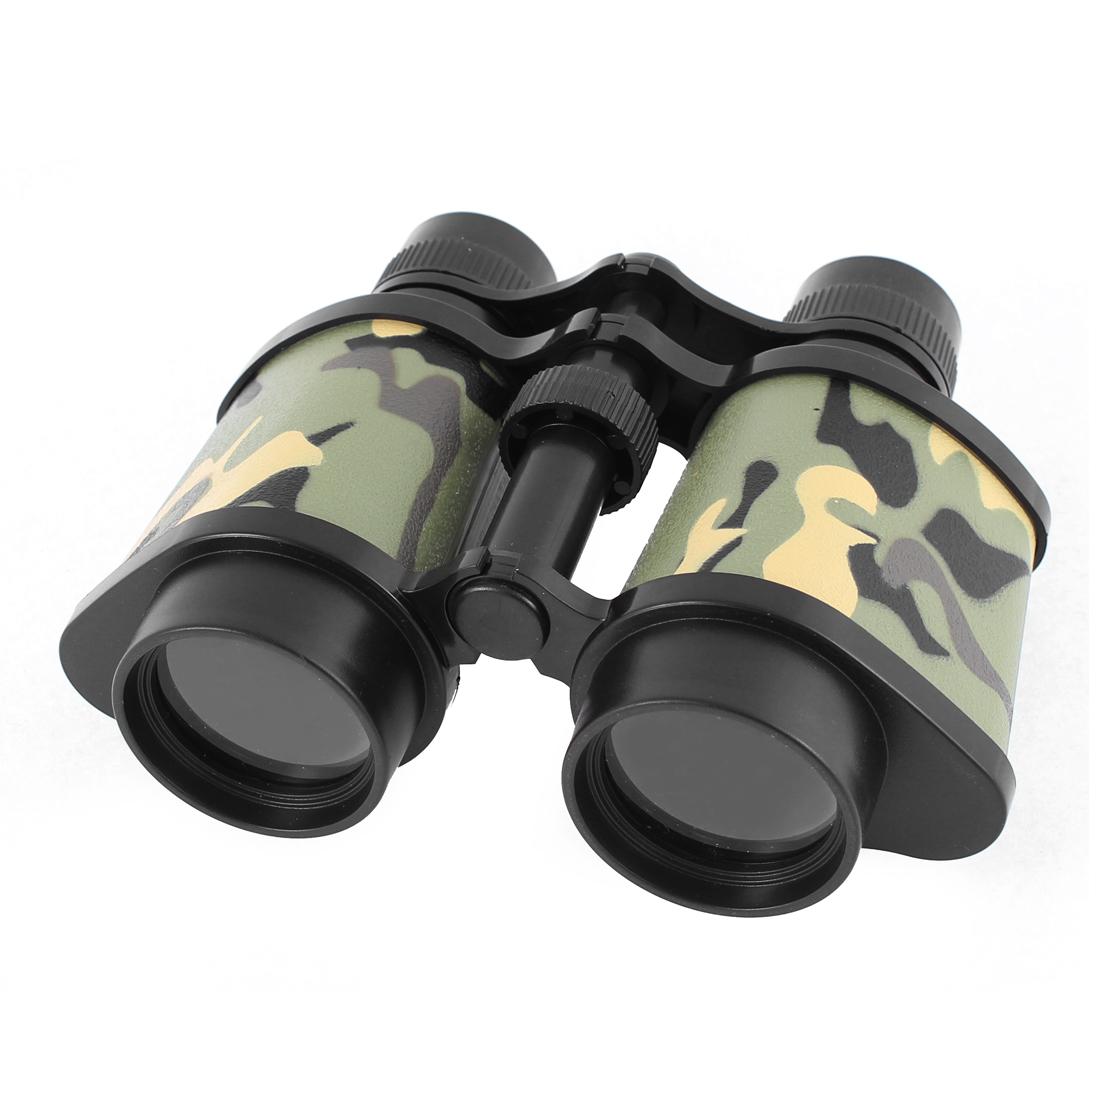 Plastic Transparent Lens Neck Hang Strap Adjustable Binocular Camouflage Color